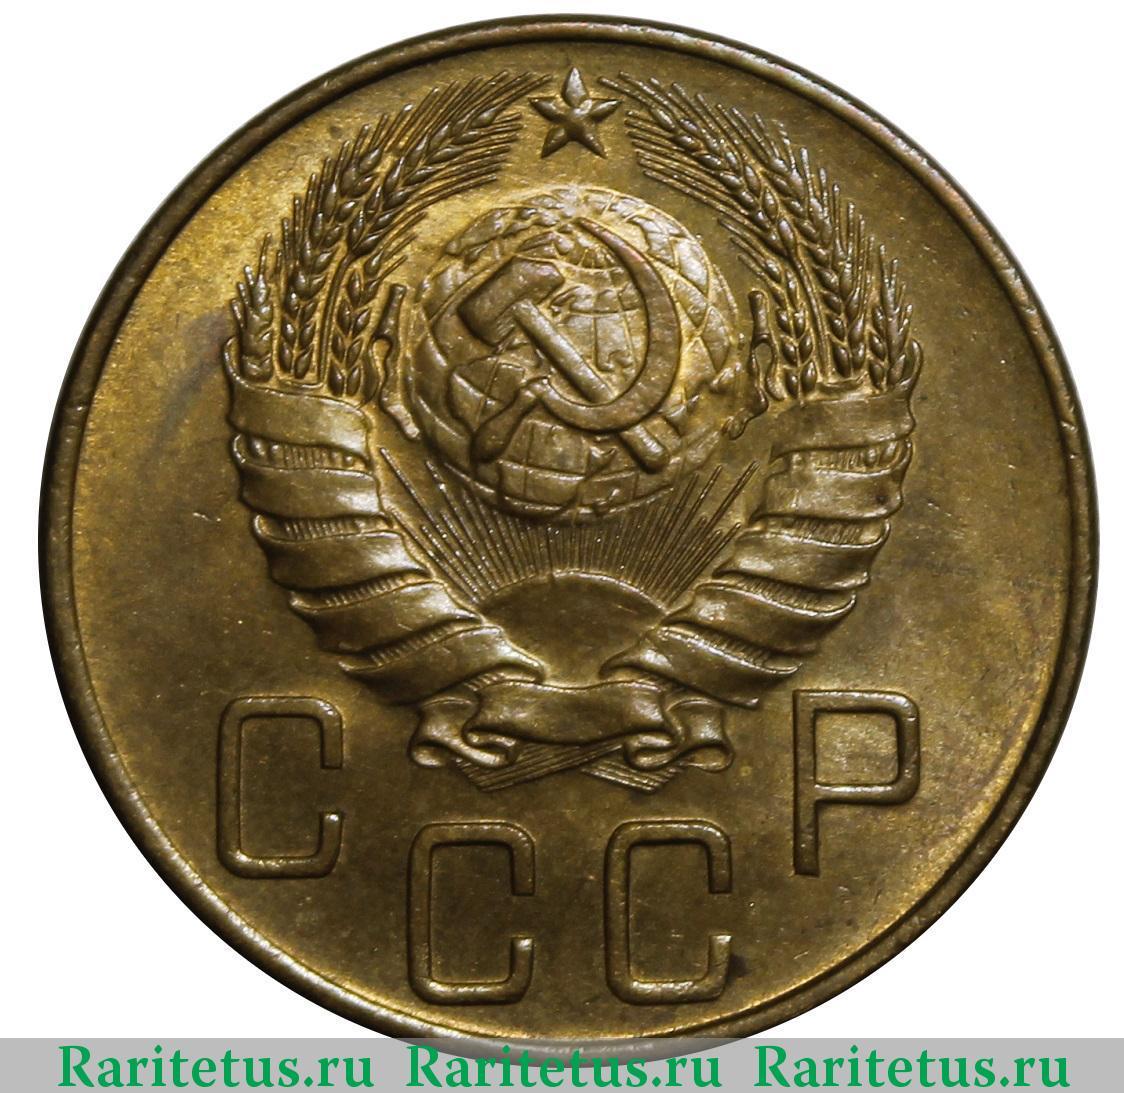 5 копеек 1941 года цена стоимость монеты 10 копеек 2004 года цена в украине